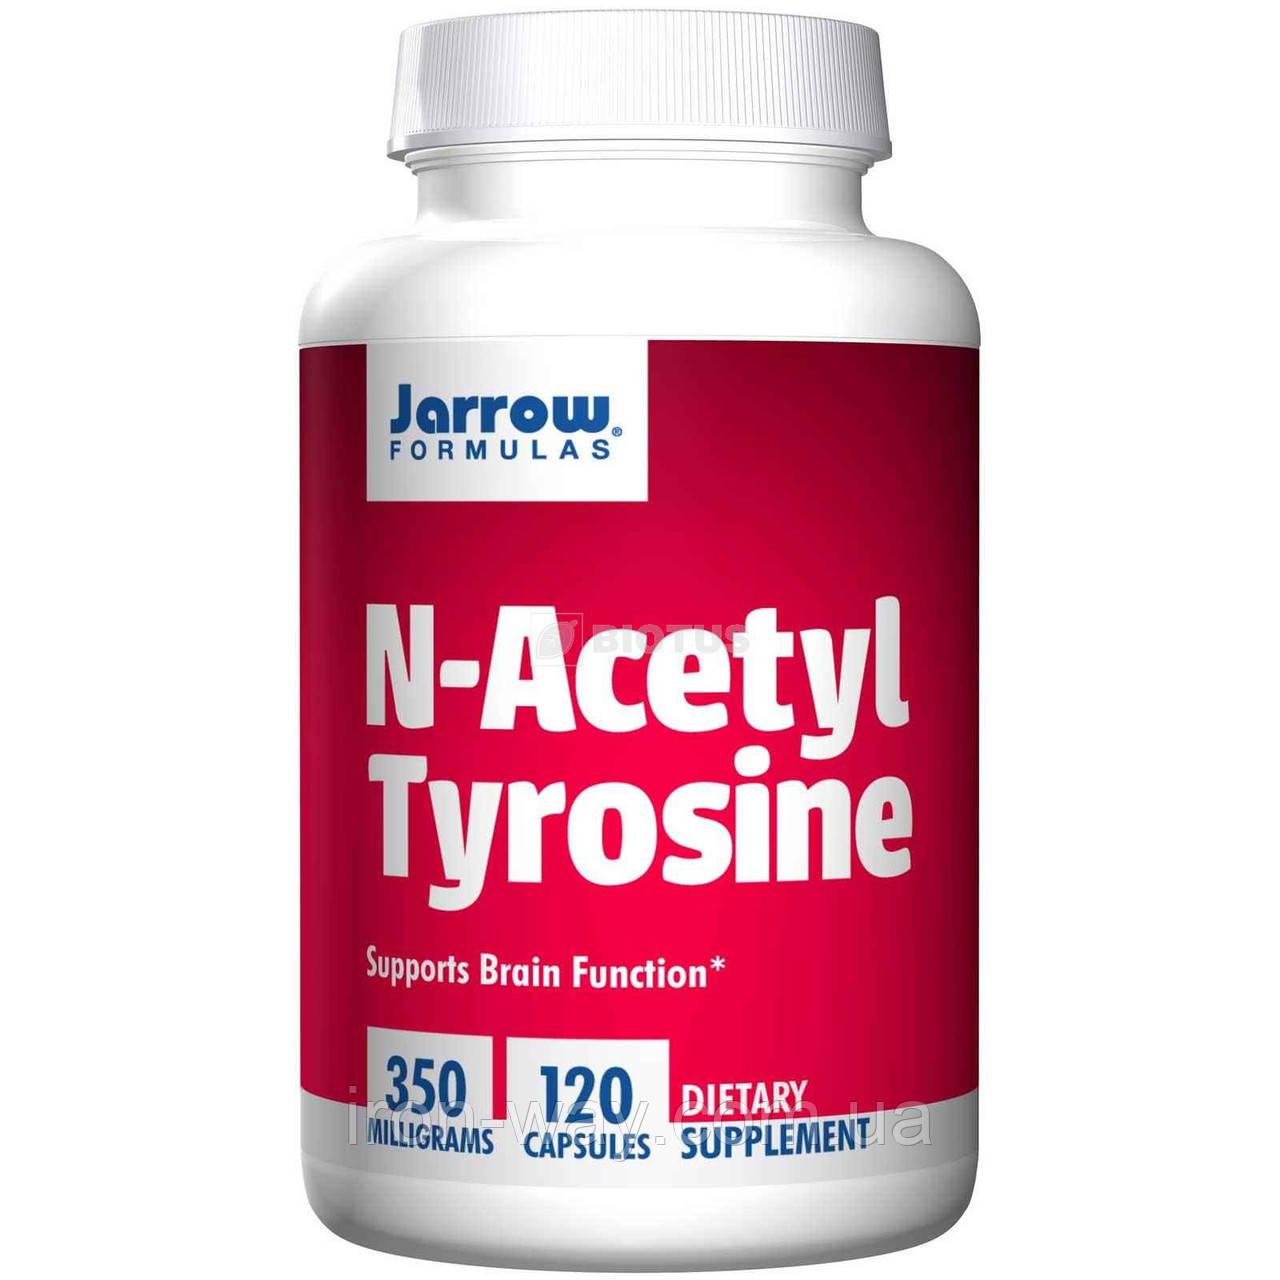 Jarrow Formulas N-Acetyl Tyrosine 120 caps